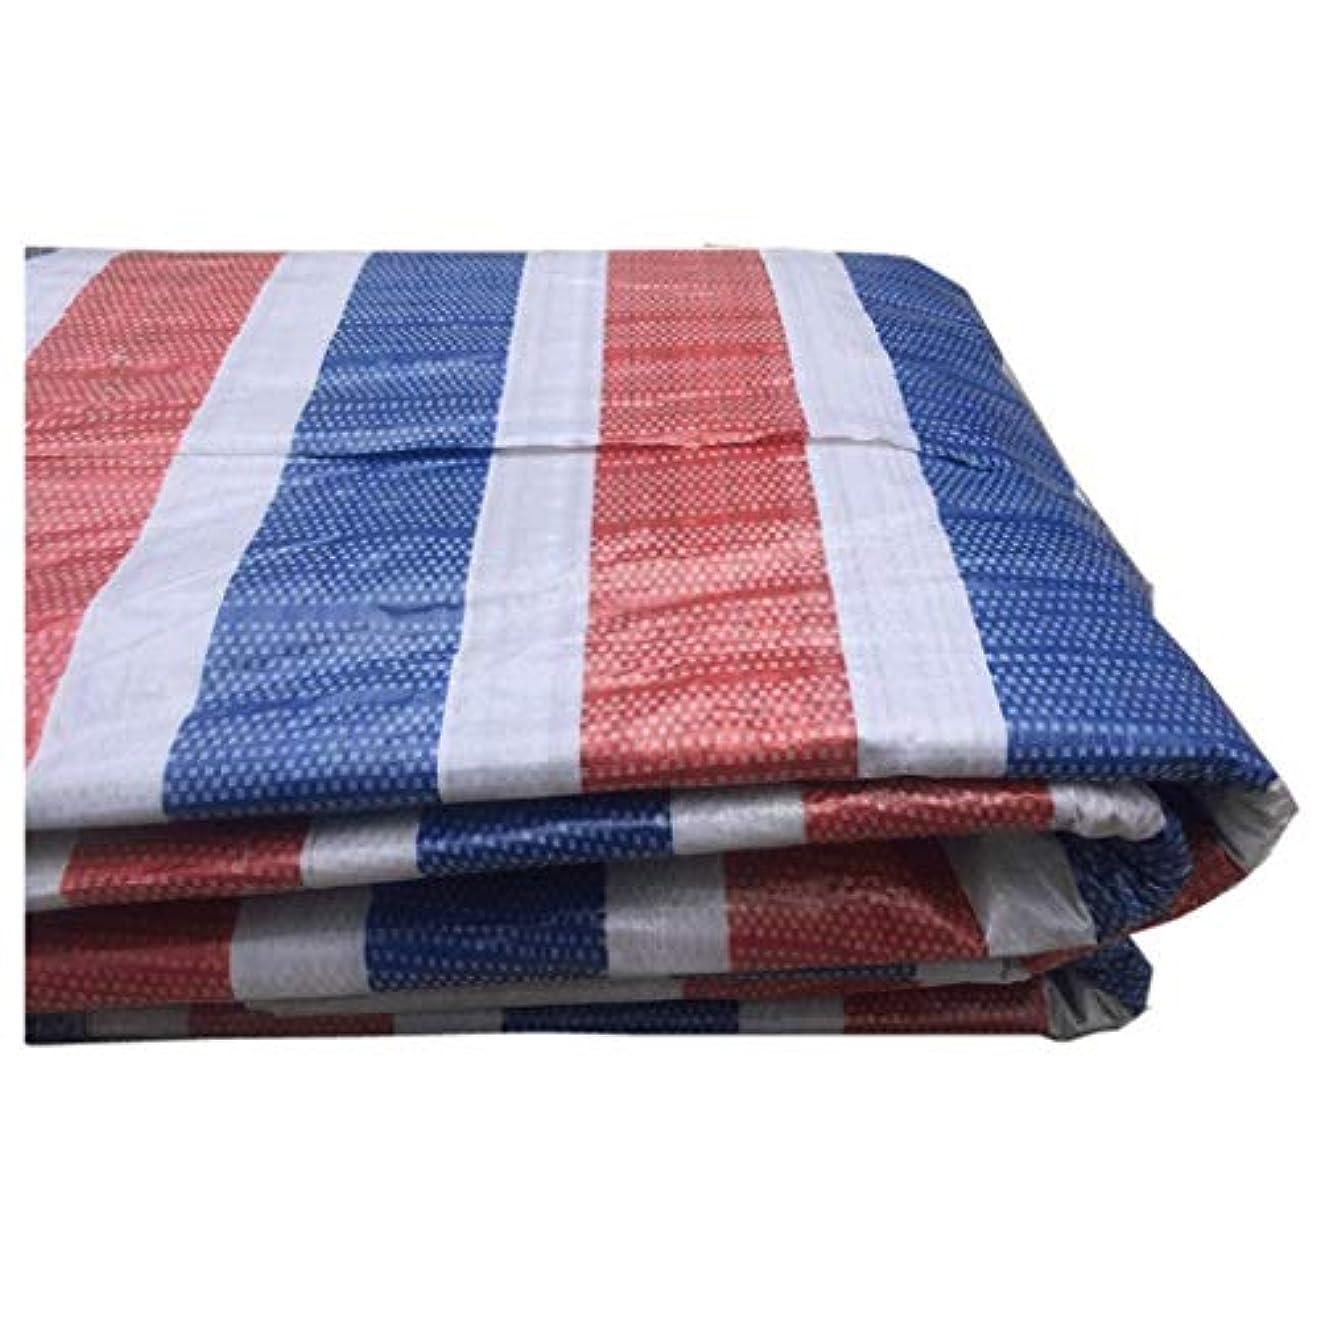 買い手いたずらな差し引くプラスチック布カラー布ターポリン装飾ターポリンカラーストリップ布花ターポリンシェード布屋外三色紙レイン布 (Color : Three colors, Size : 3x30m)